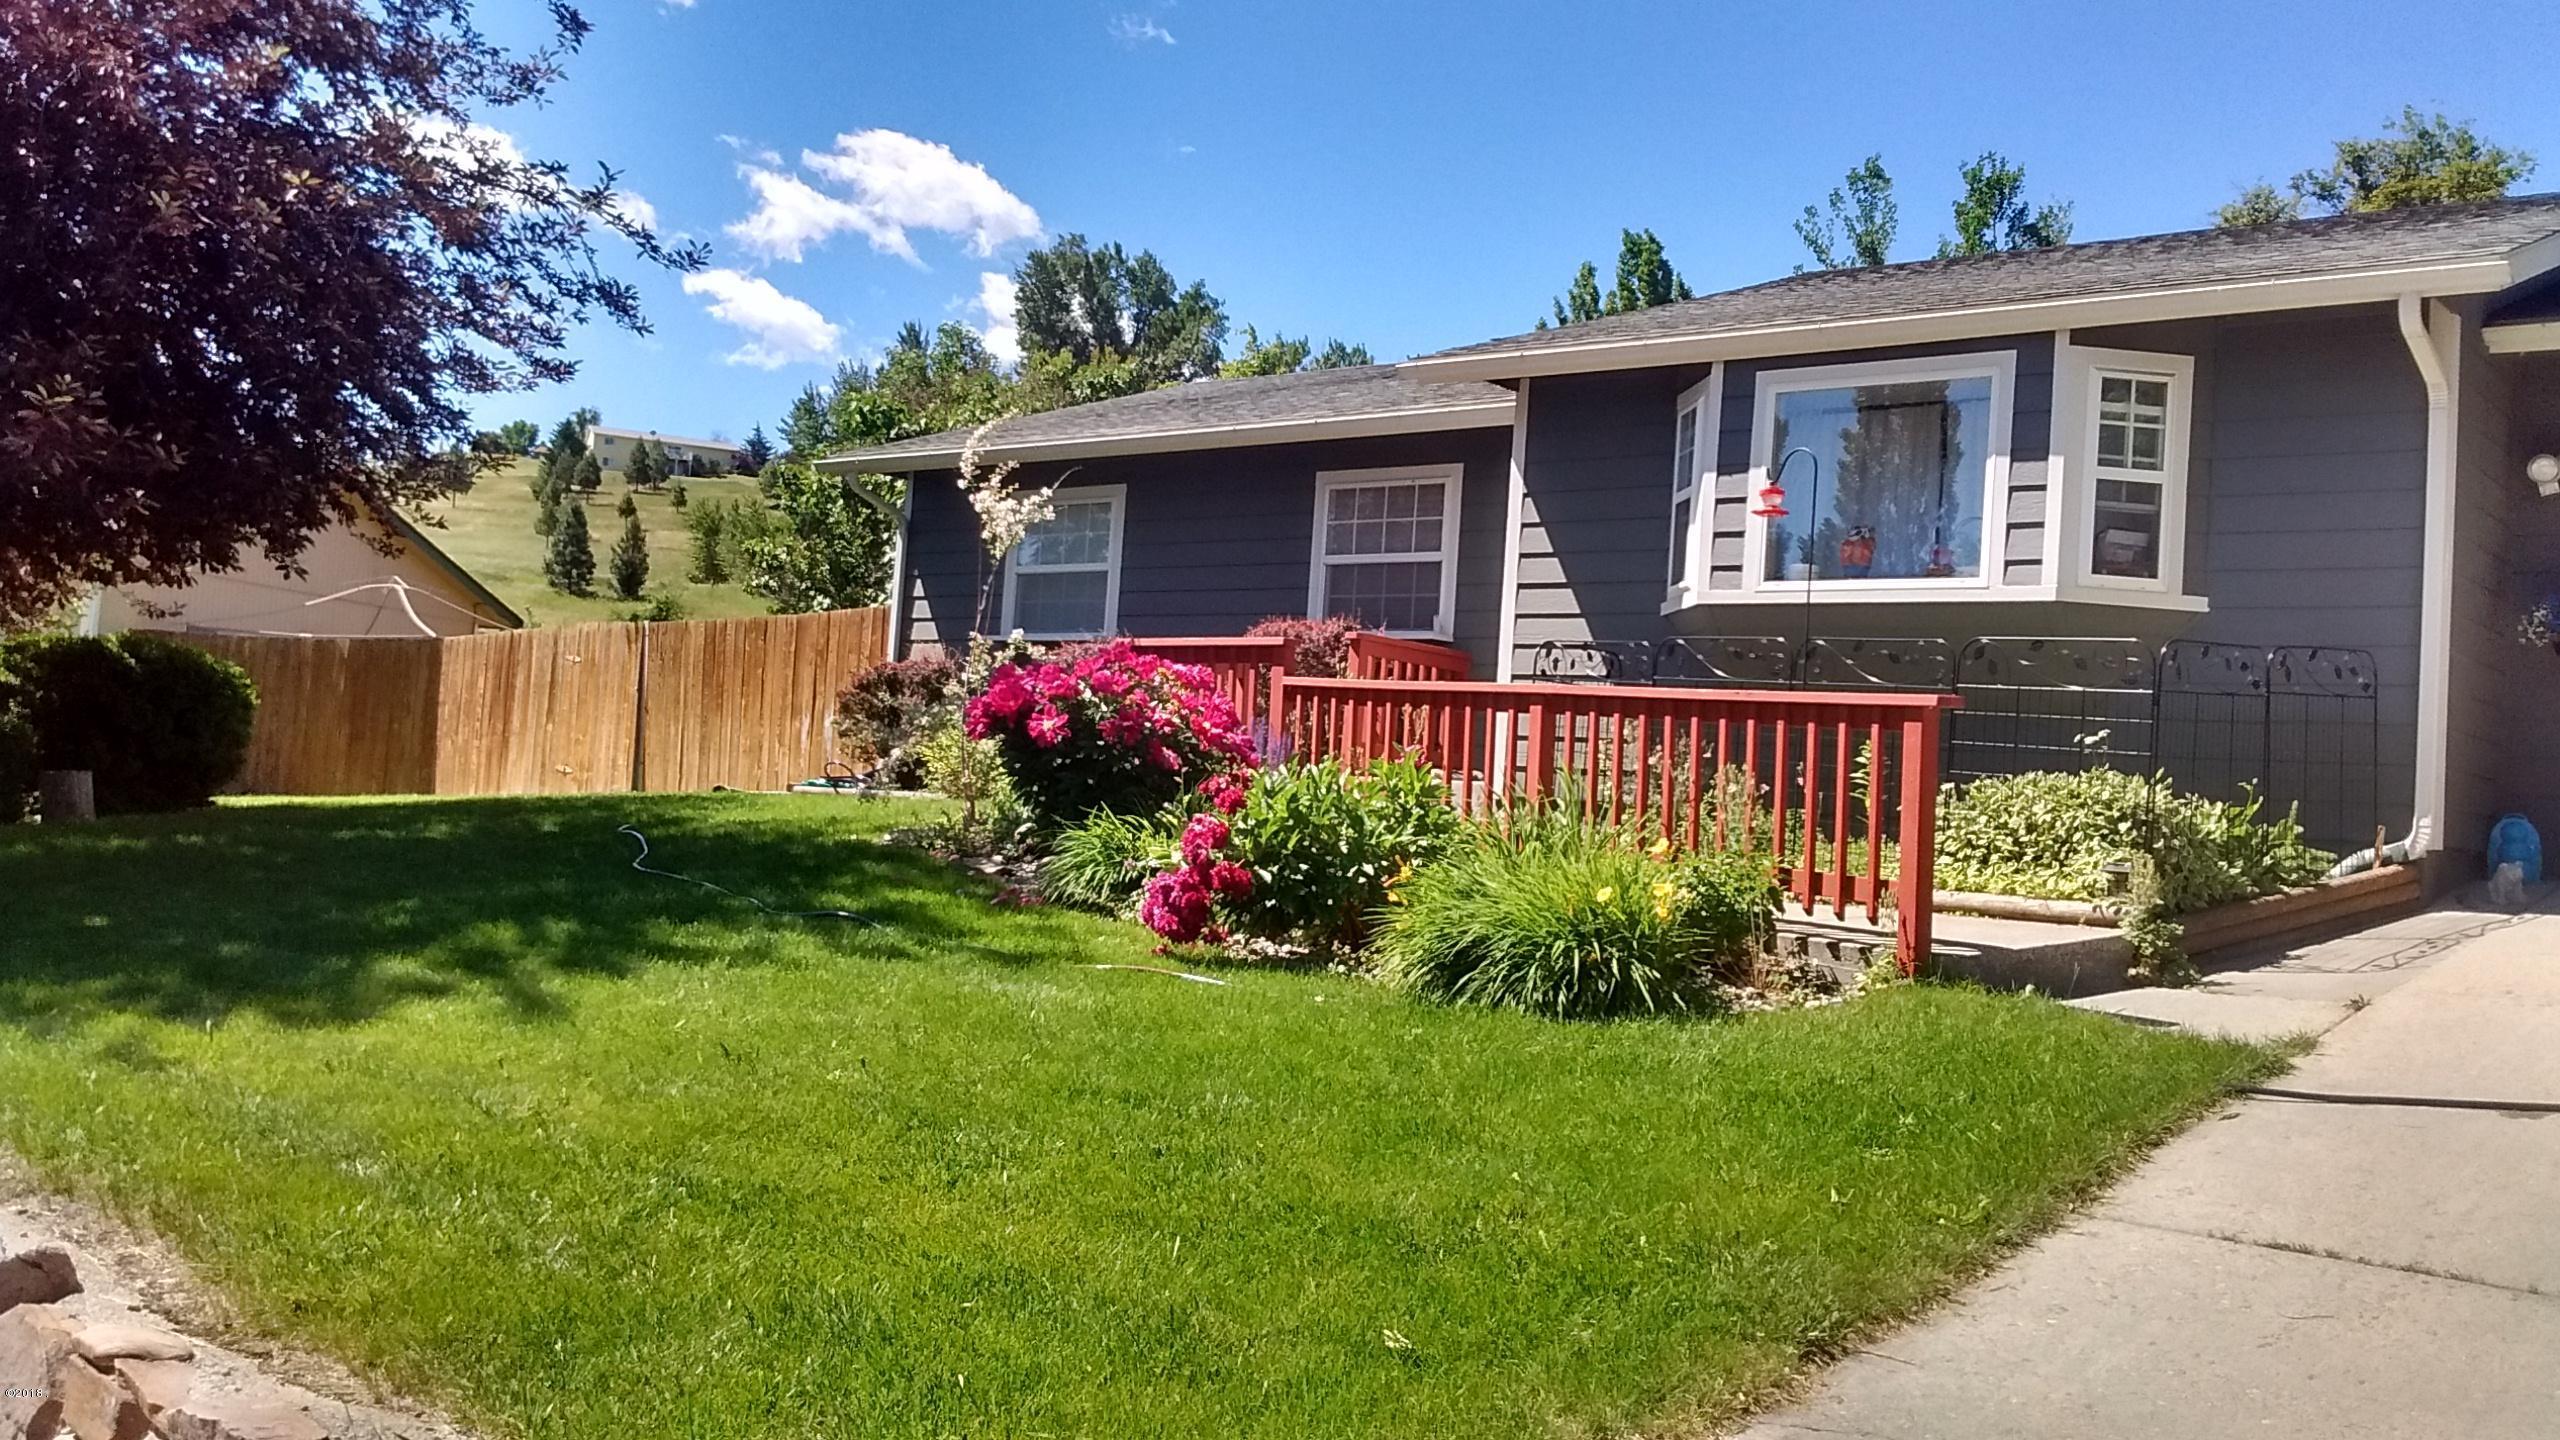 13018 Kimwood Drive, Lolo, MT 59847